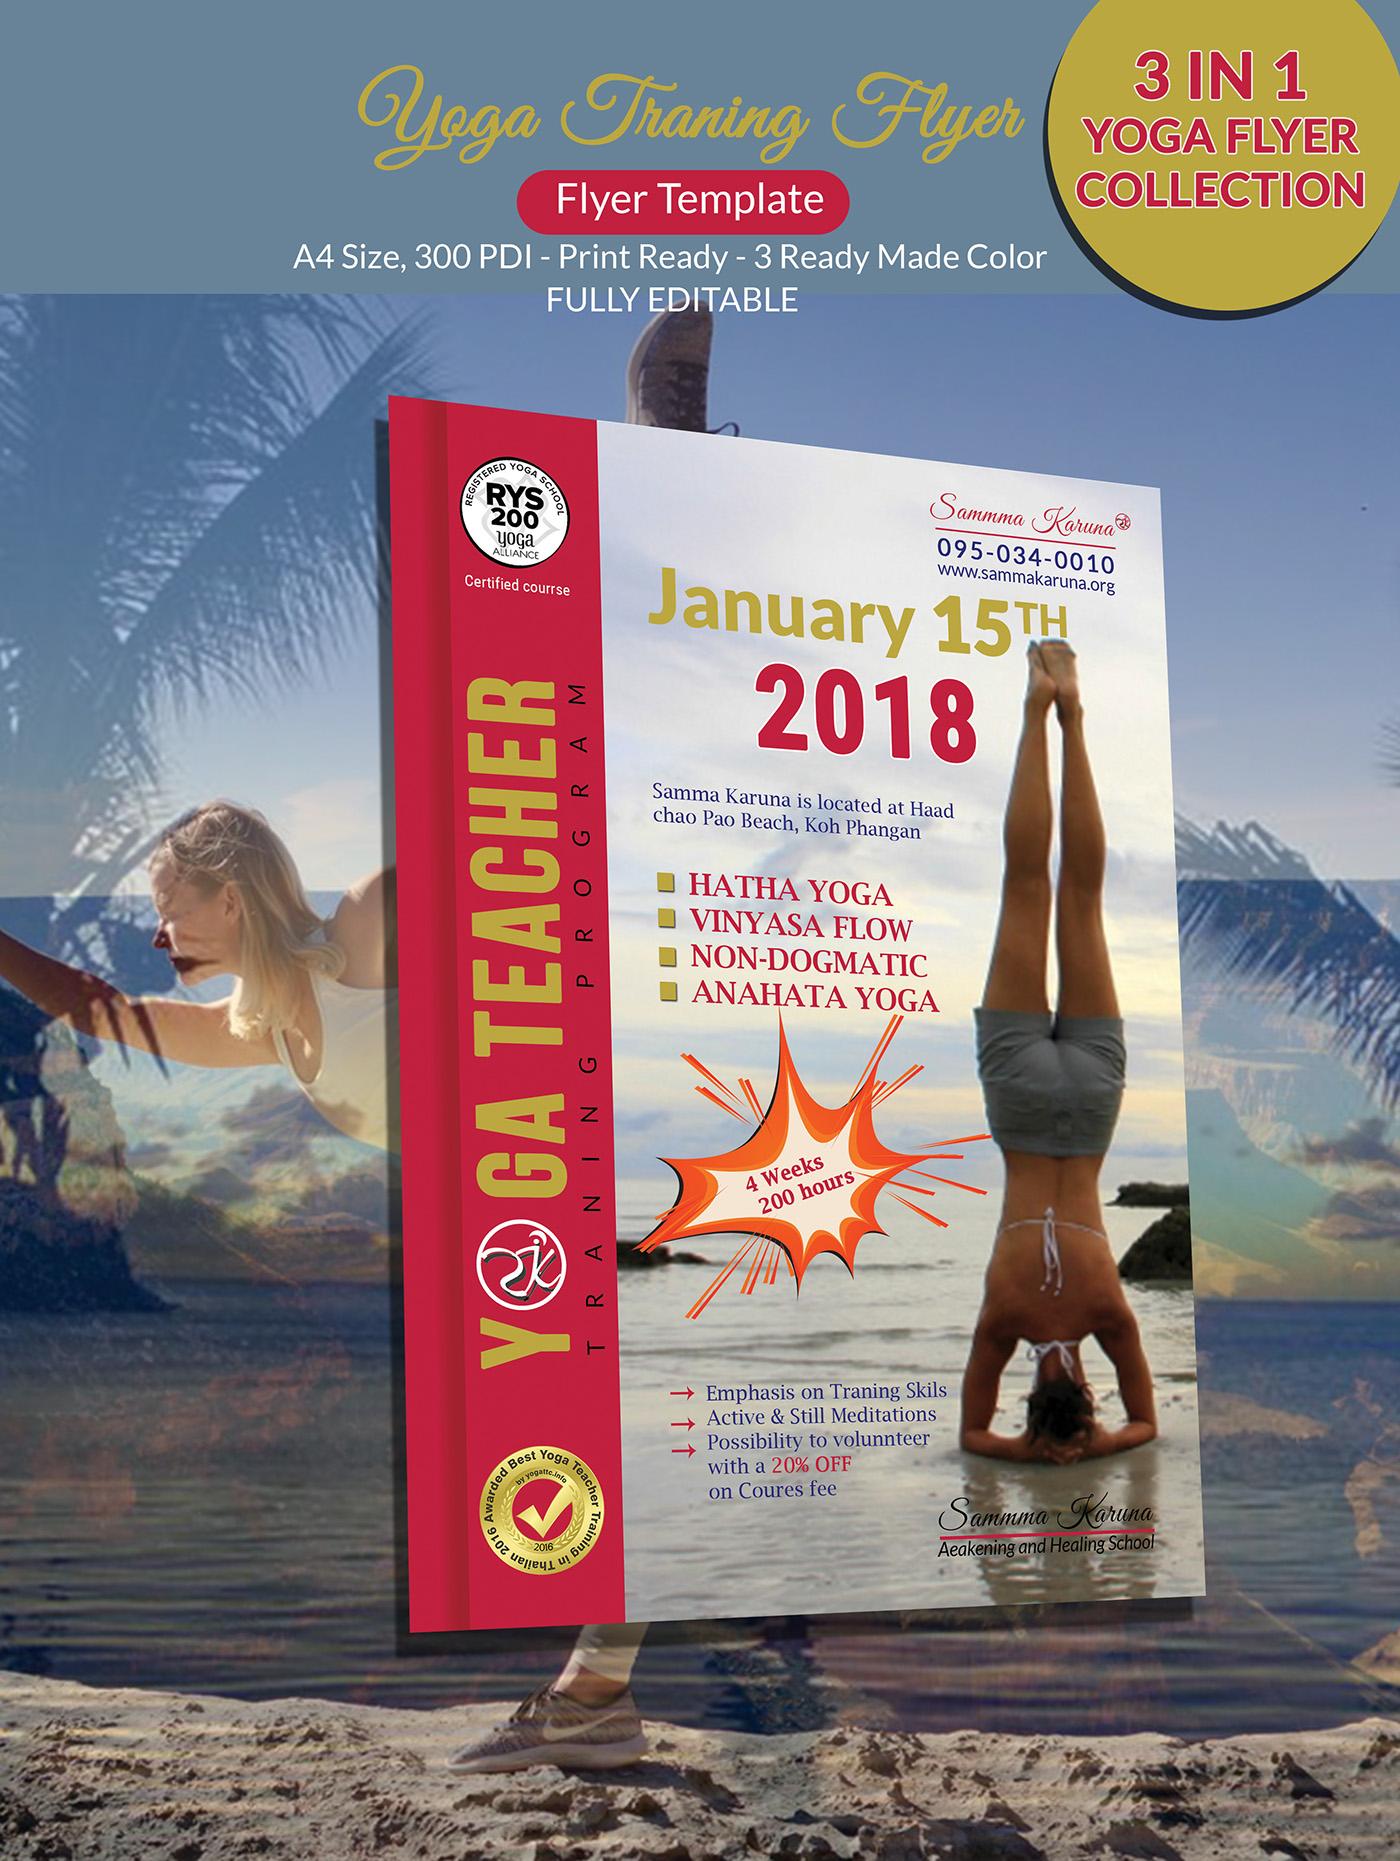 Yoga Training Program Flyer Design On Behance